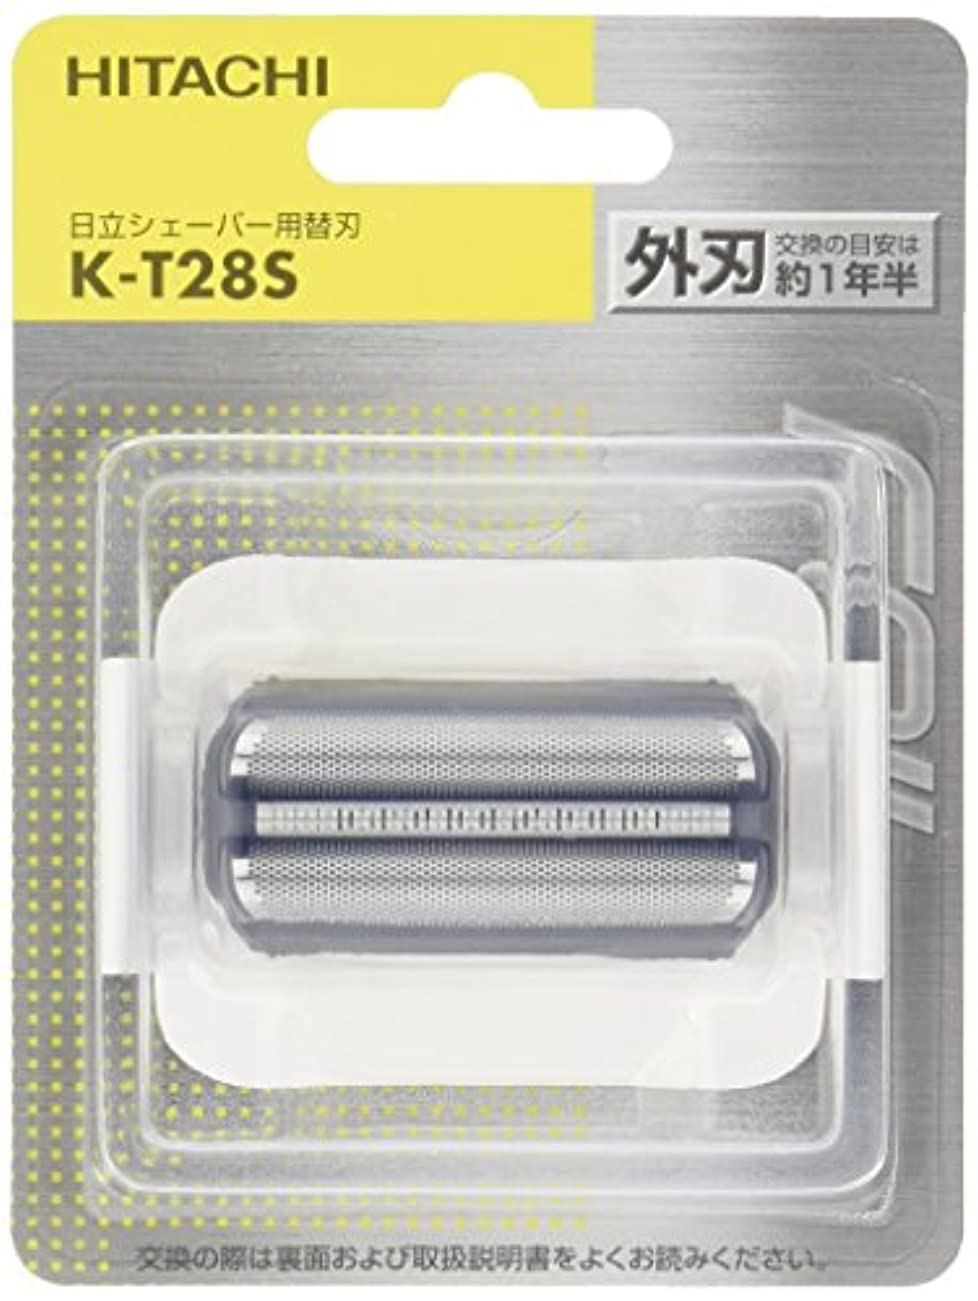 あまりにも滑る数学者日立 替刃 外刃 K-T28S